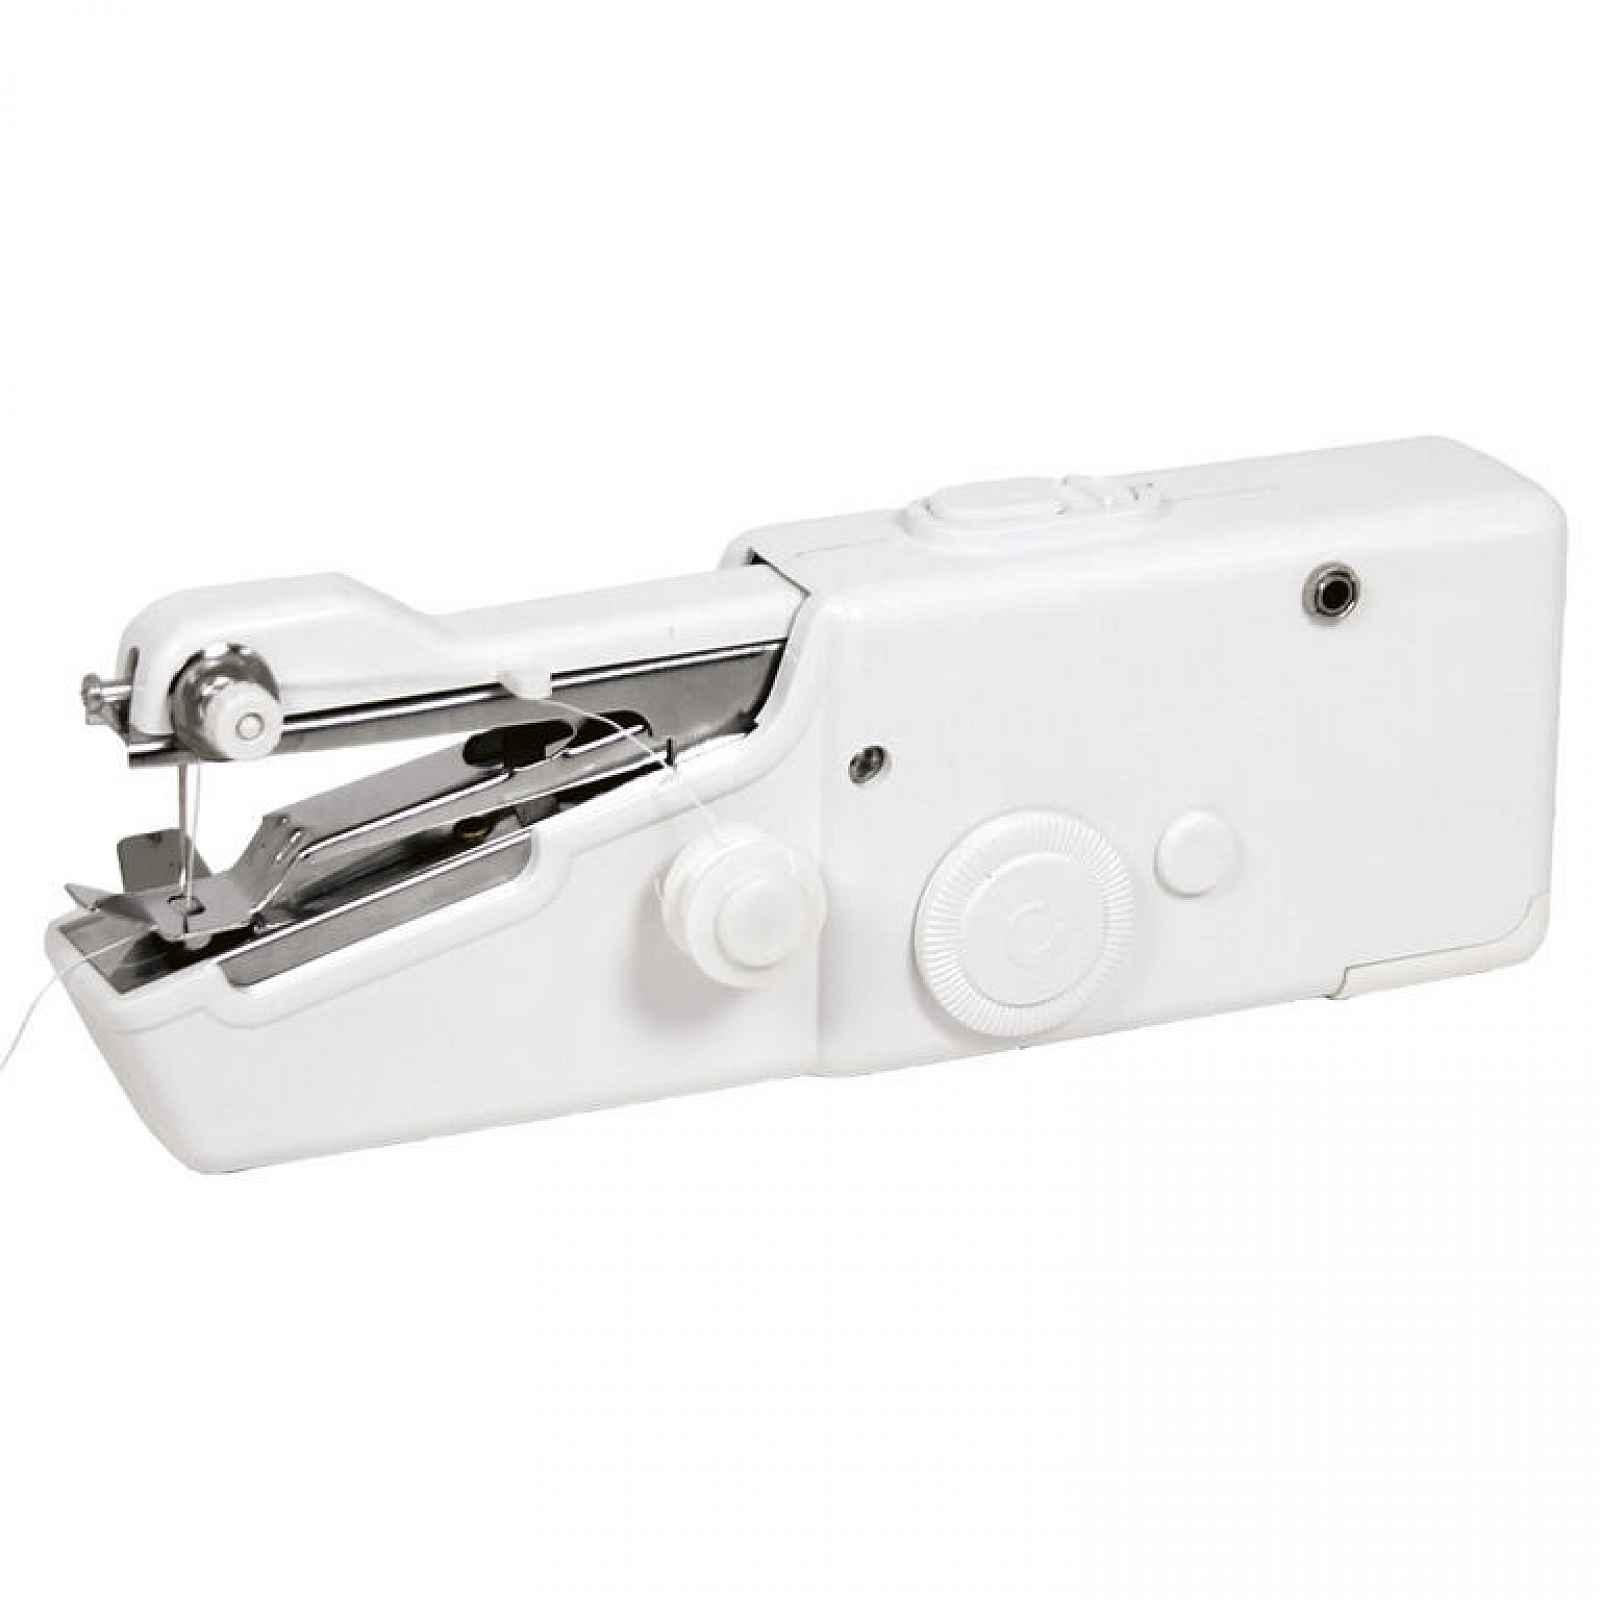 Ruční šicí strojek s bateriovým pohonem